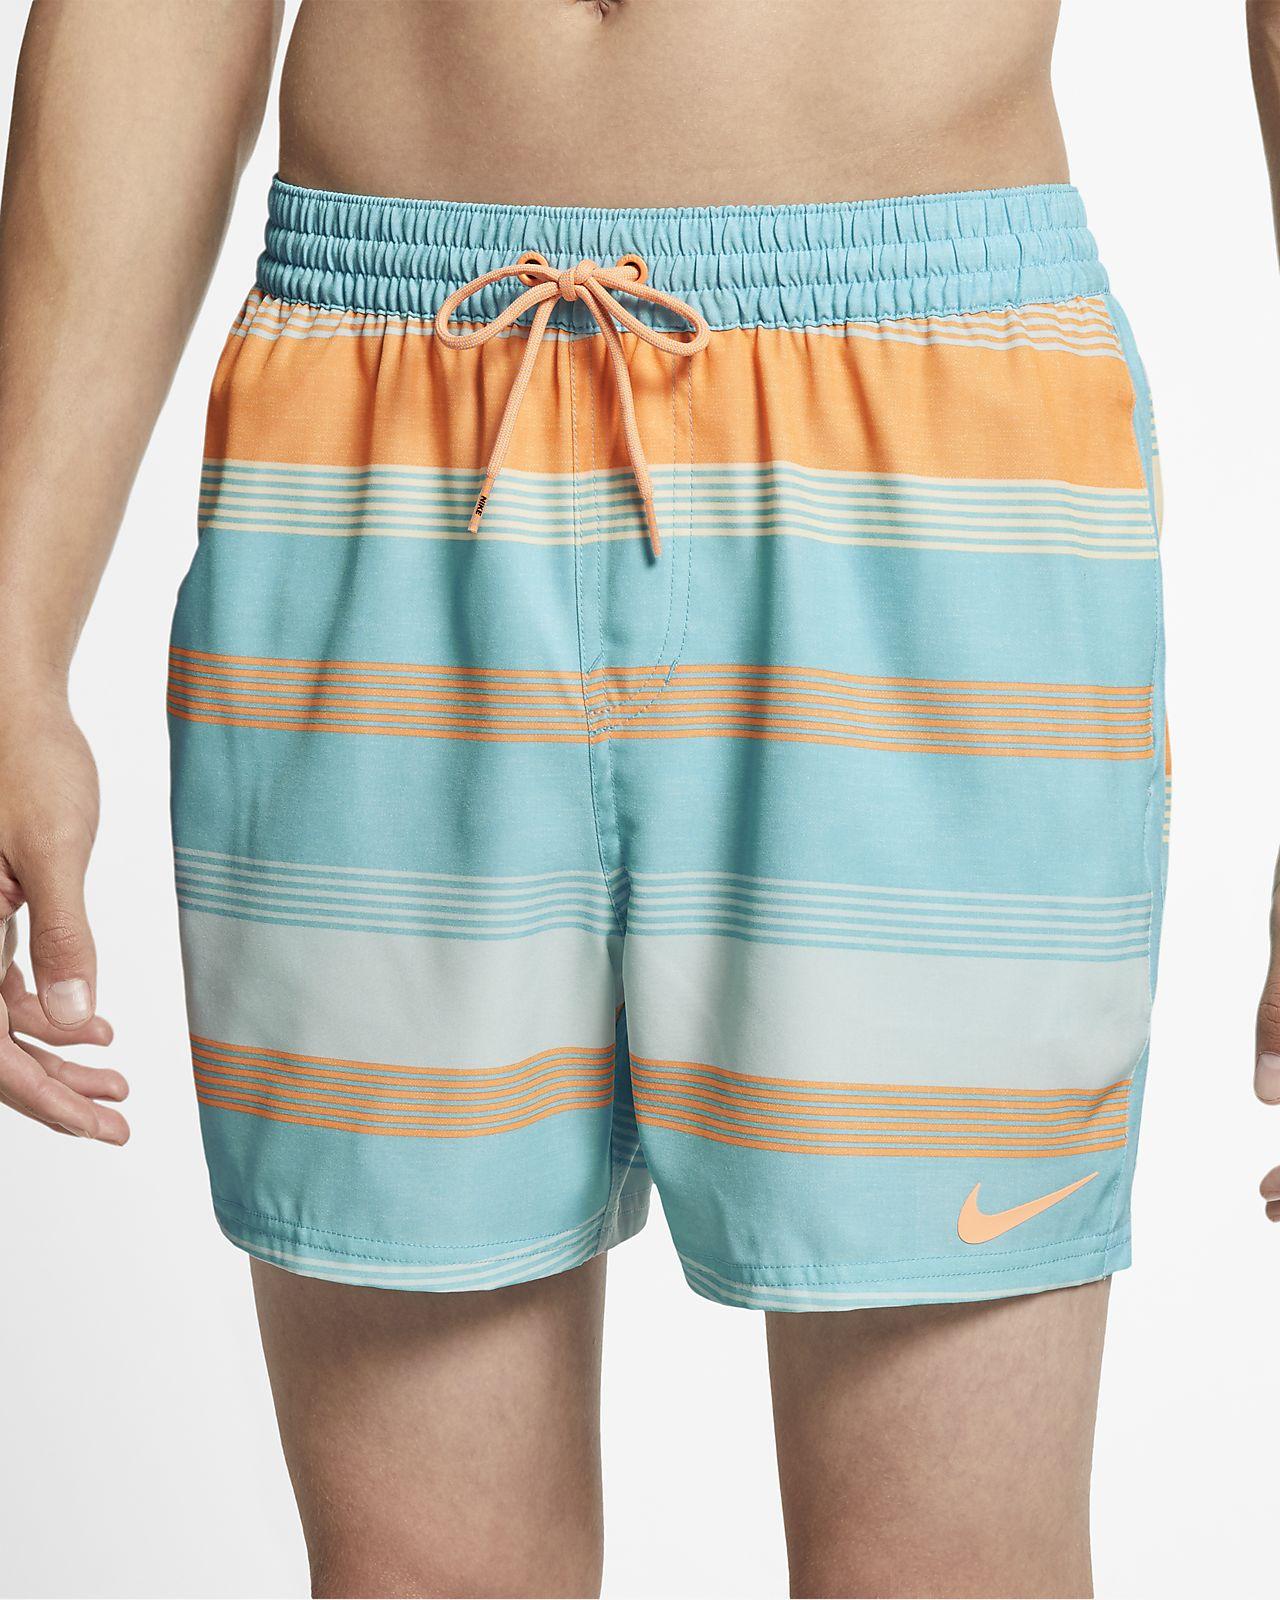 Ανδρικό μαγιό Nike Linen Racer 13 cm